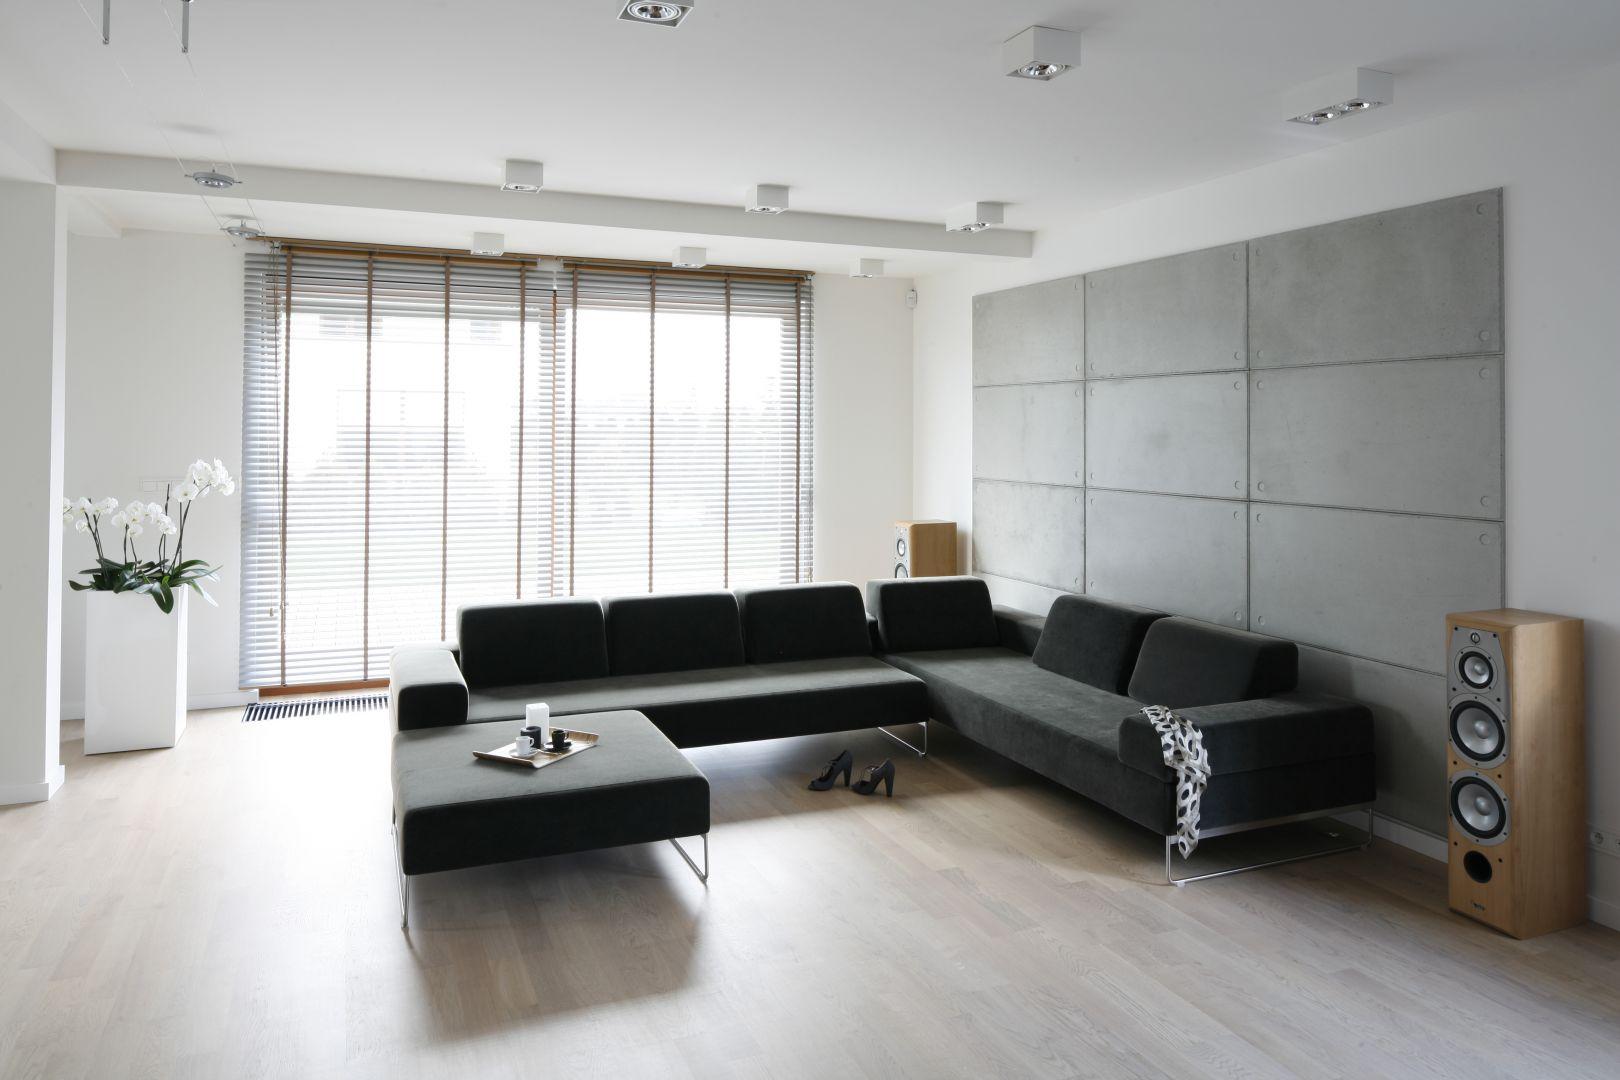 Minimalistyczny salon powinien być urządzony w taki sposób, aby dawał wrażenie jak największej przestrzeni. Doskonale sprawdzą się surowe dodatki, jak architektoniczny beton. Projekt: Agnieszka Ludwinowska. Fot. Bartosz Jarosz